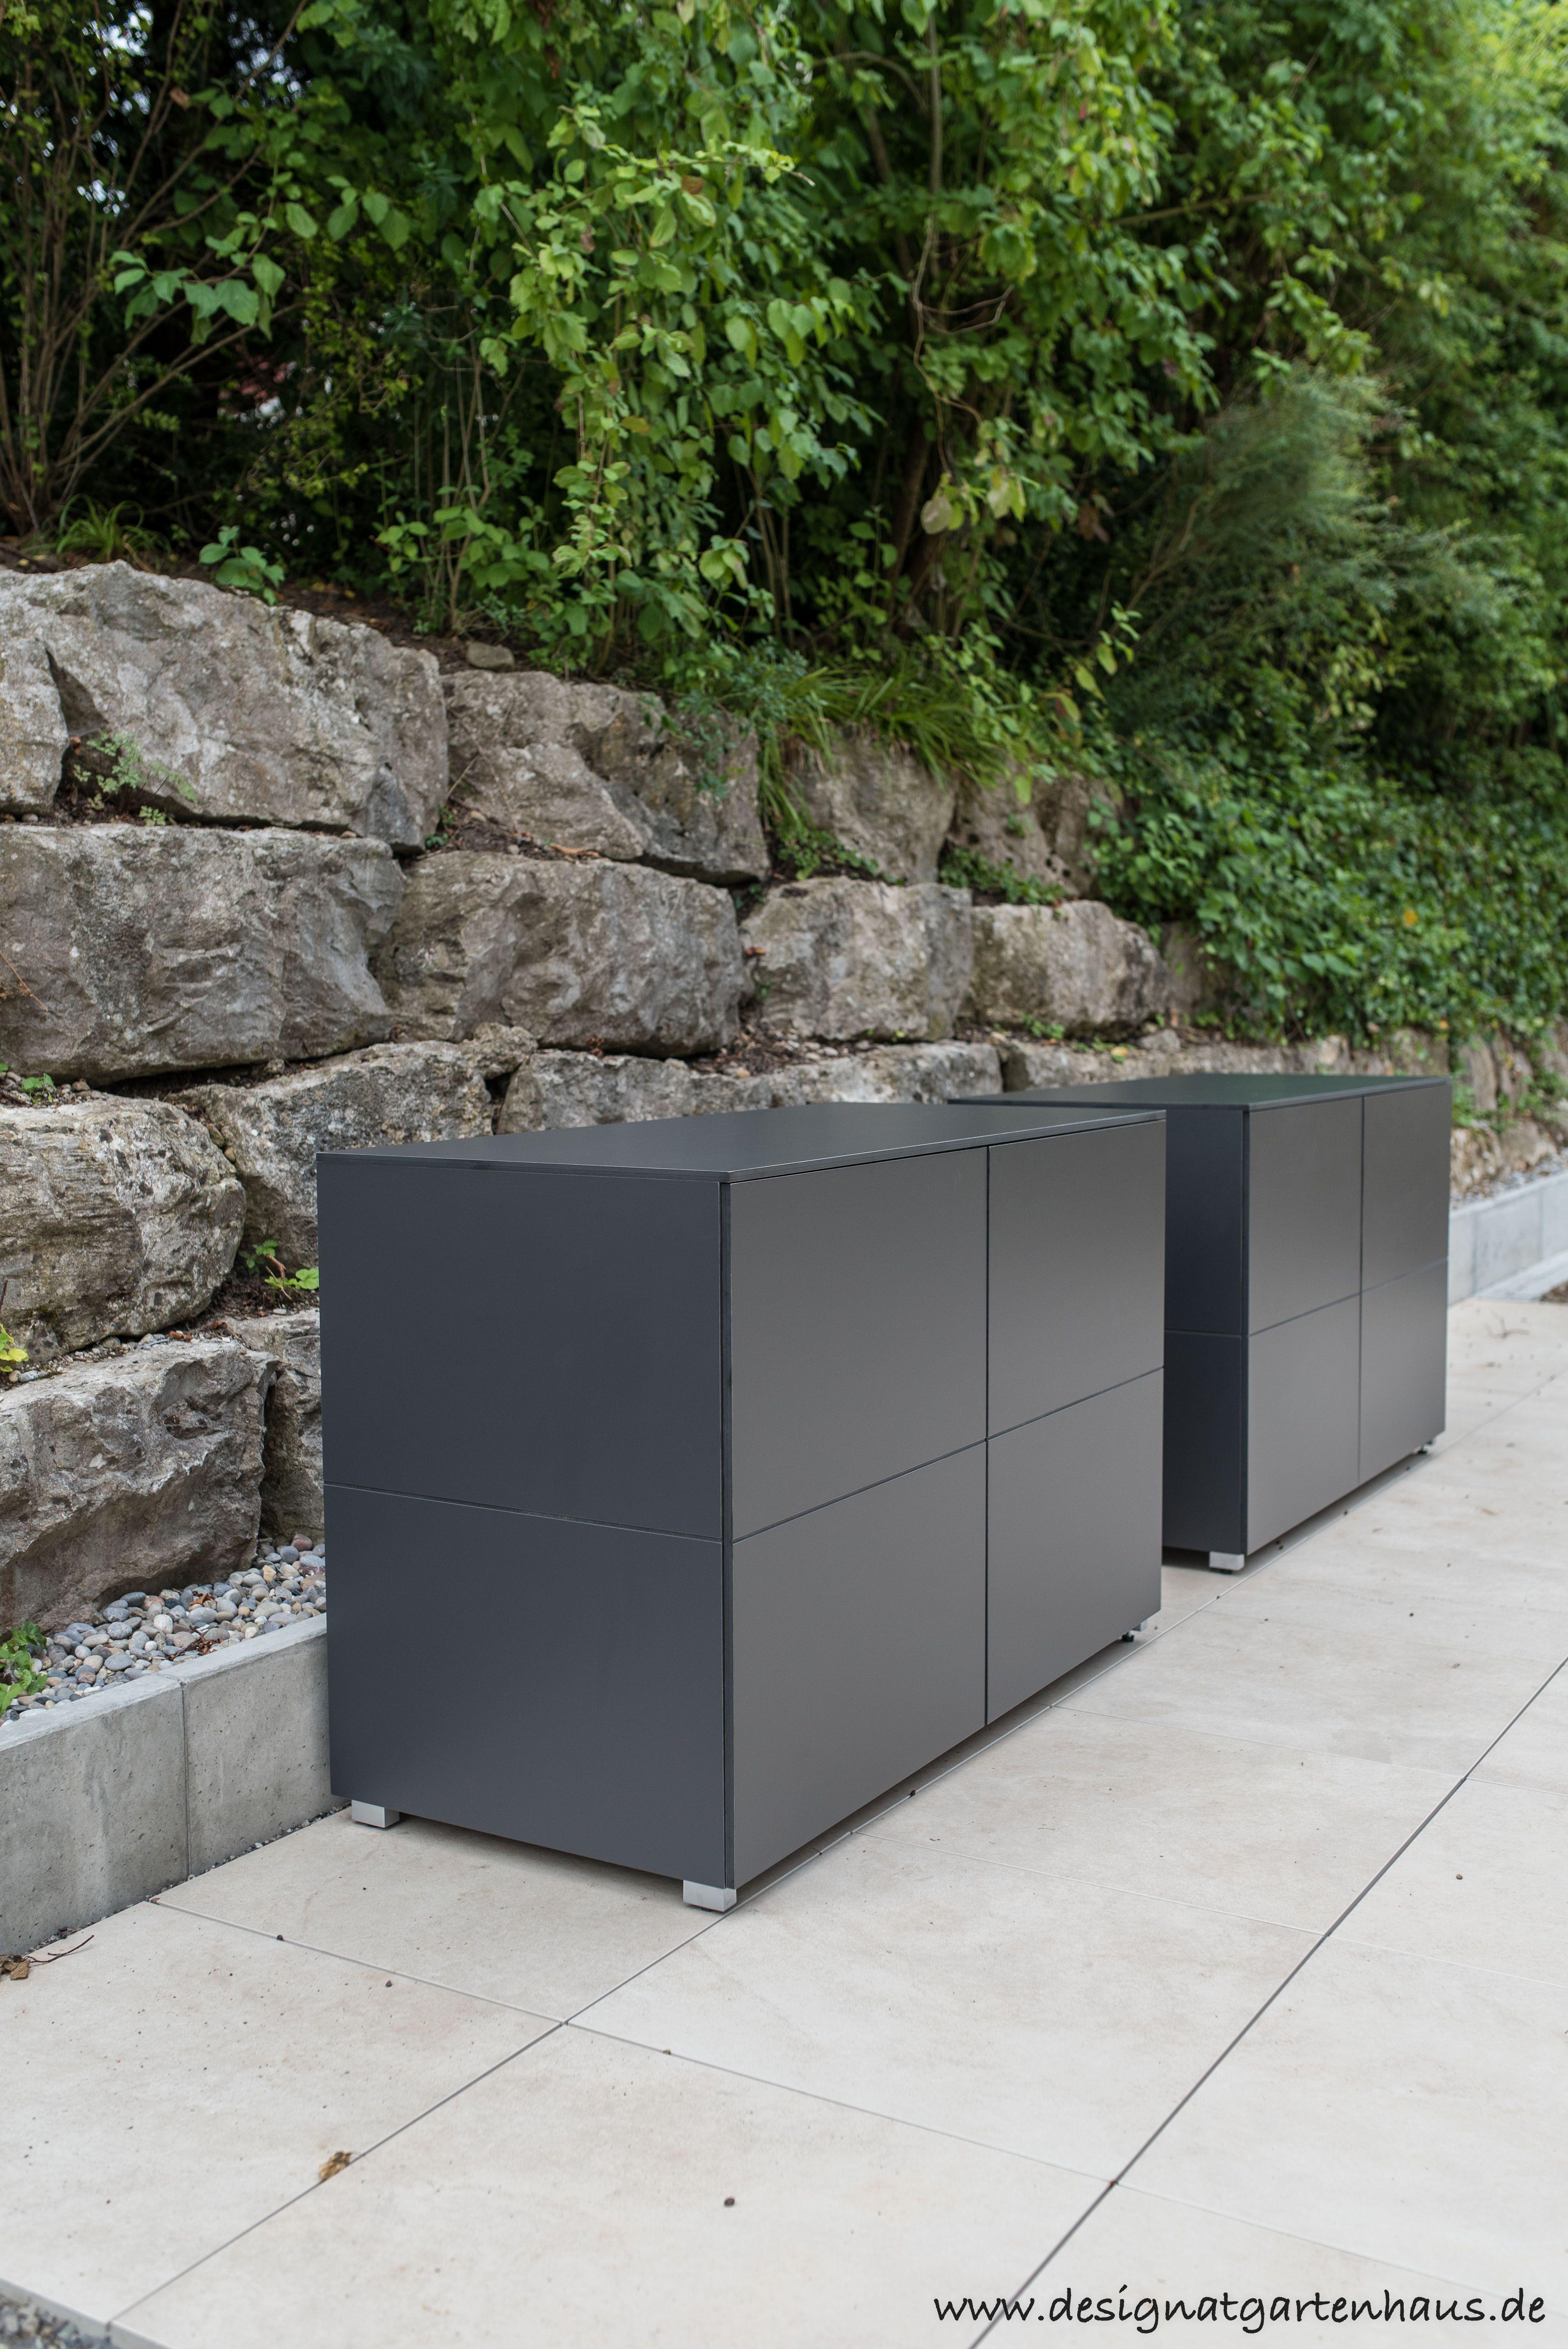 Designatgartenhaus De angebaute pergola selbsttragend aluminium orientierbaren